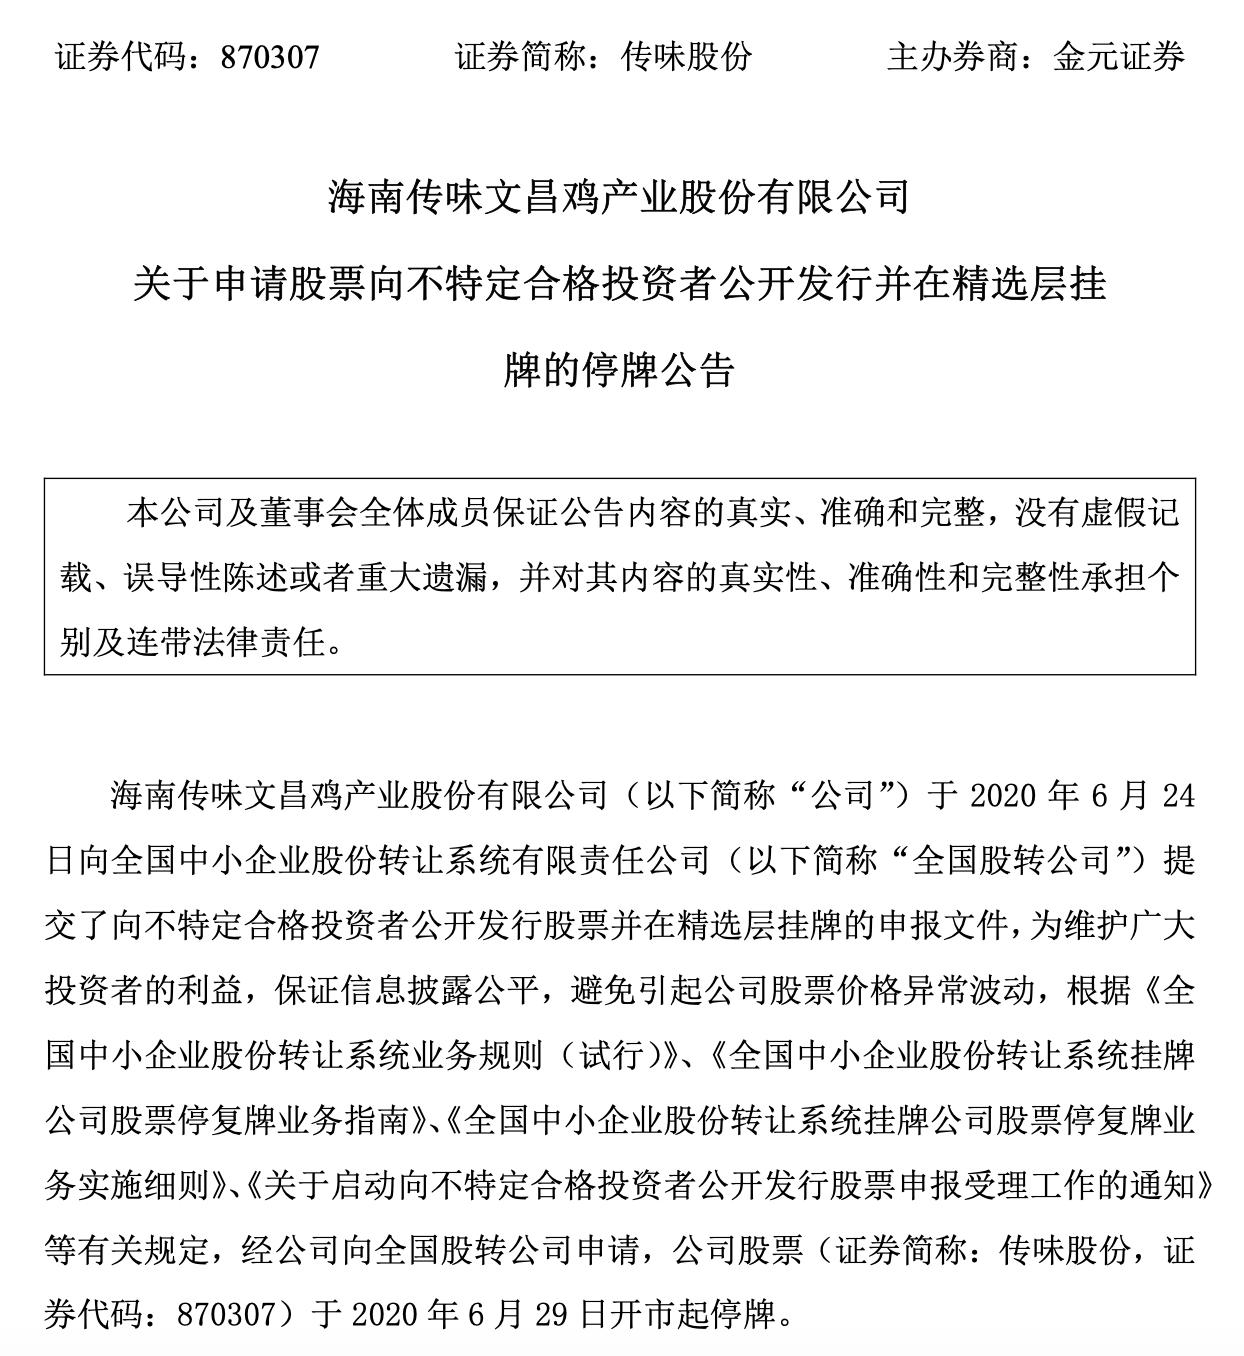 传味股份提交精选层挂牌的申报文件 公司股票将于6月29日开市起停牌